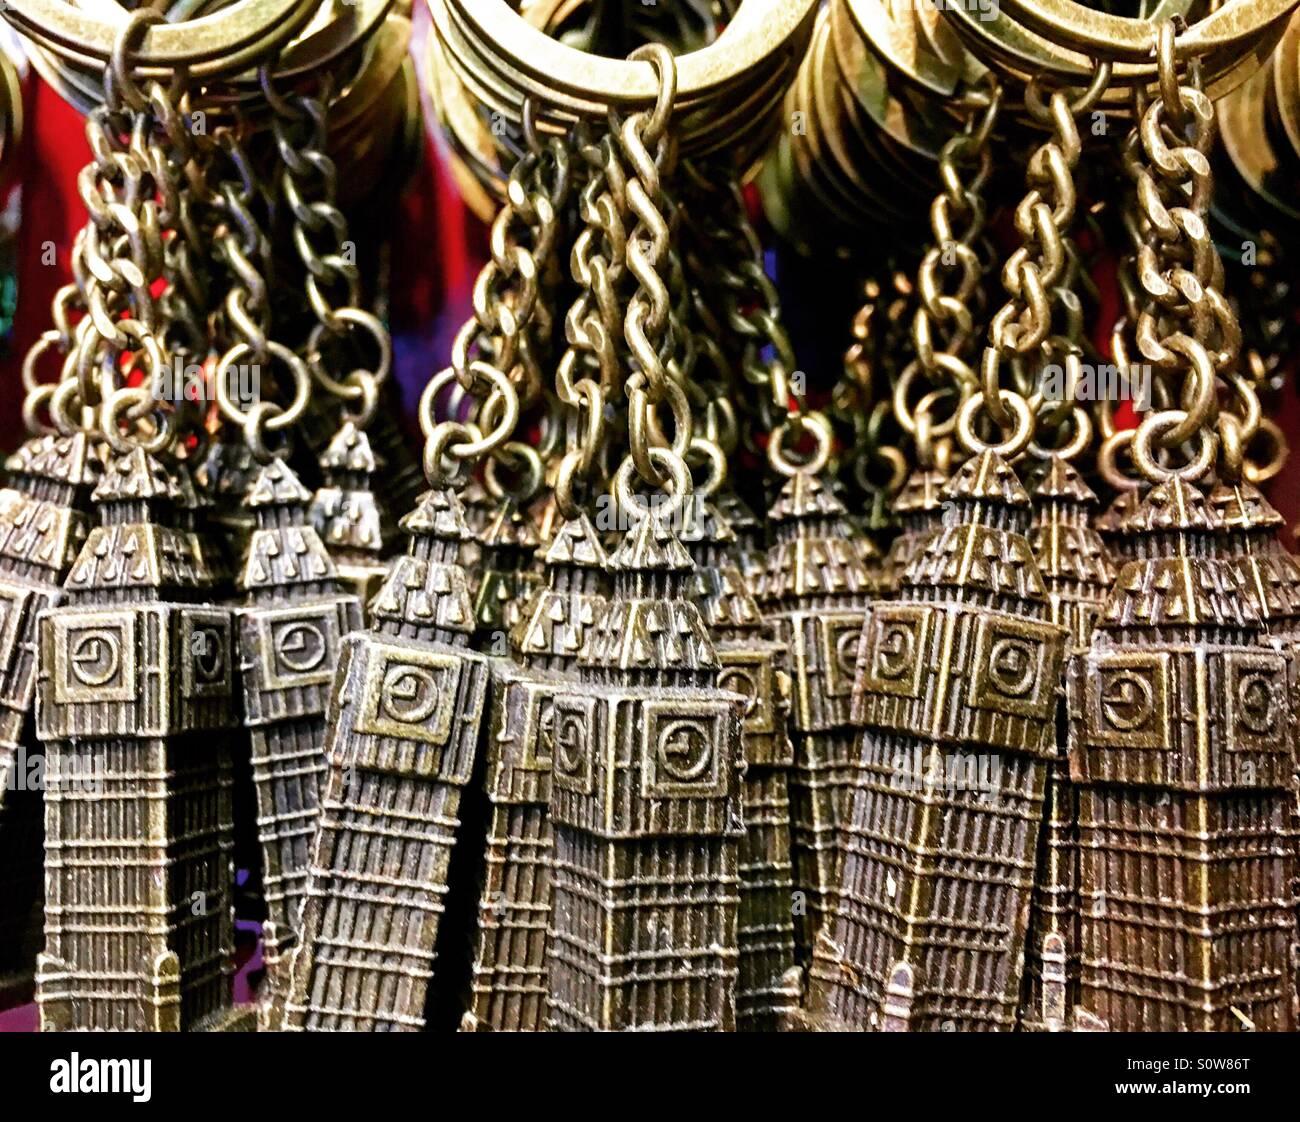 Big Ben souvenir anelli chiave appesa in un negozio di souvenir. Immagini Stock